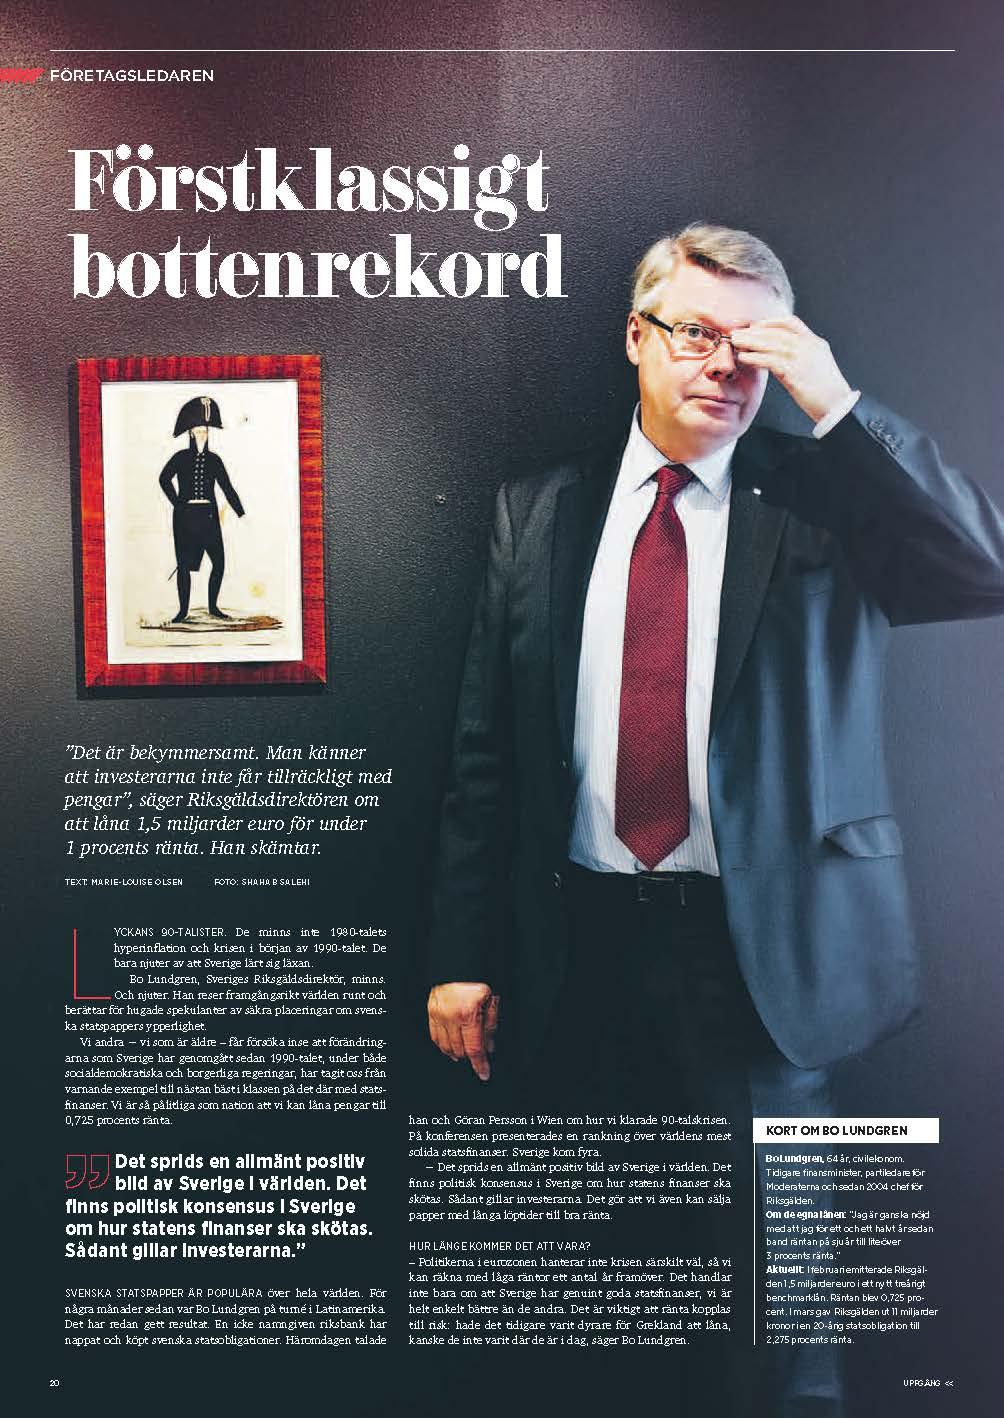 Bottenrekord Bo Lundgren